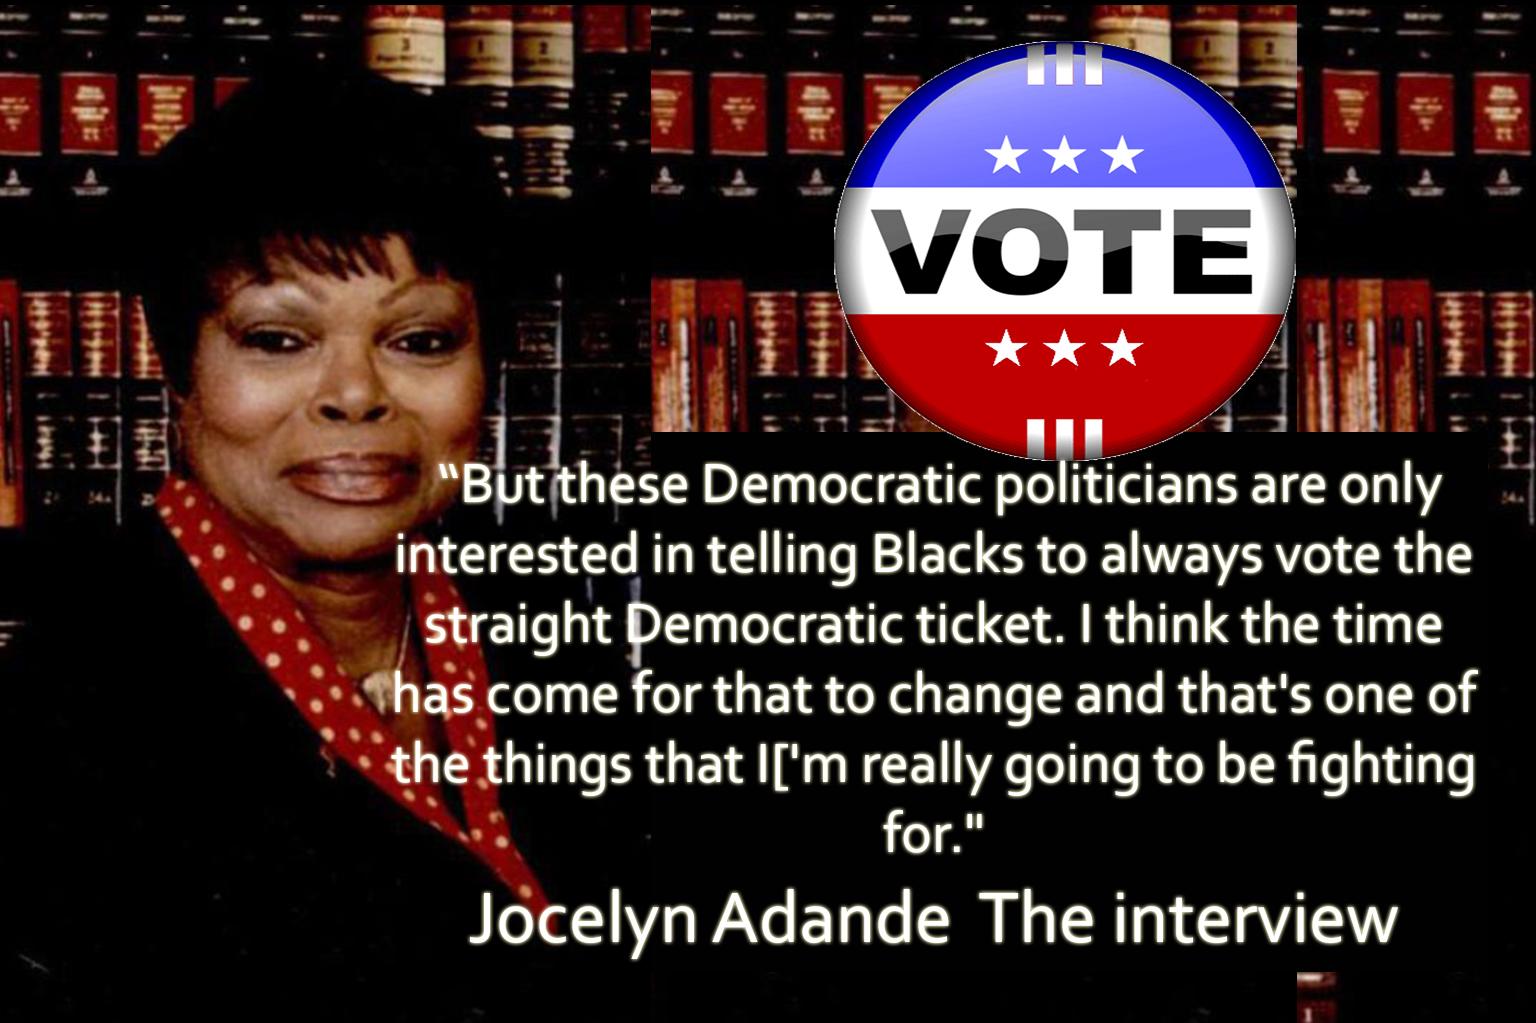 Jocelyn Adande